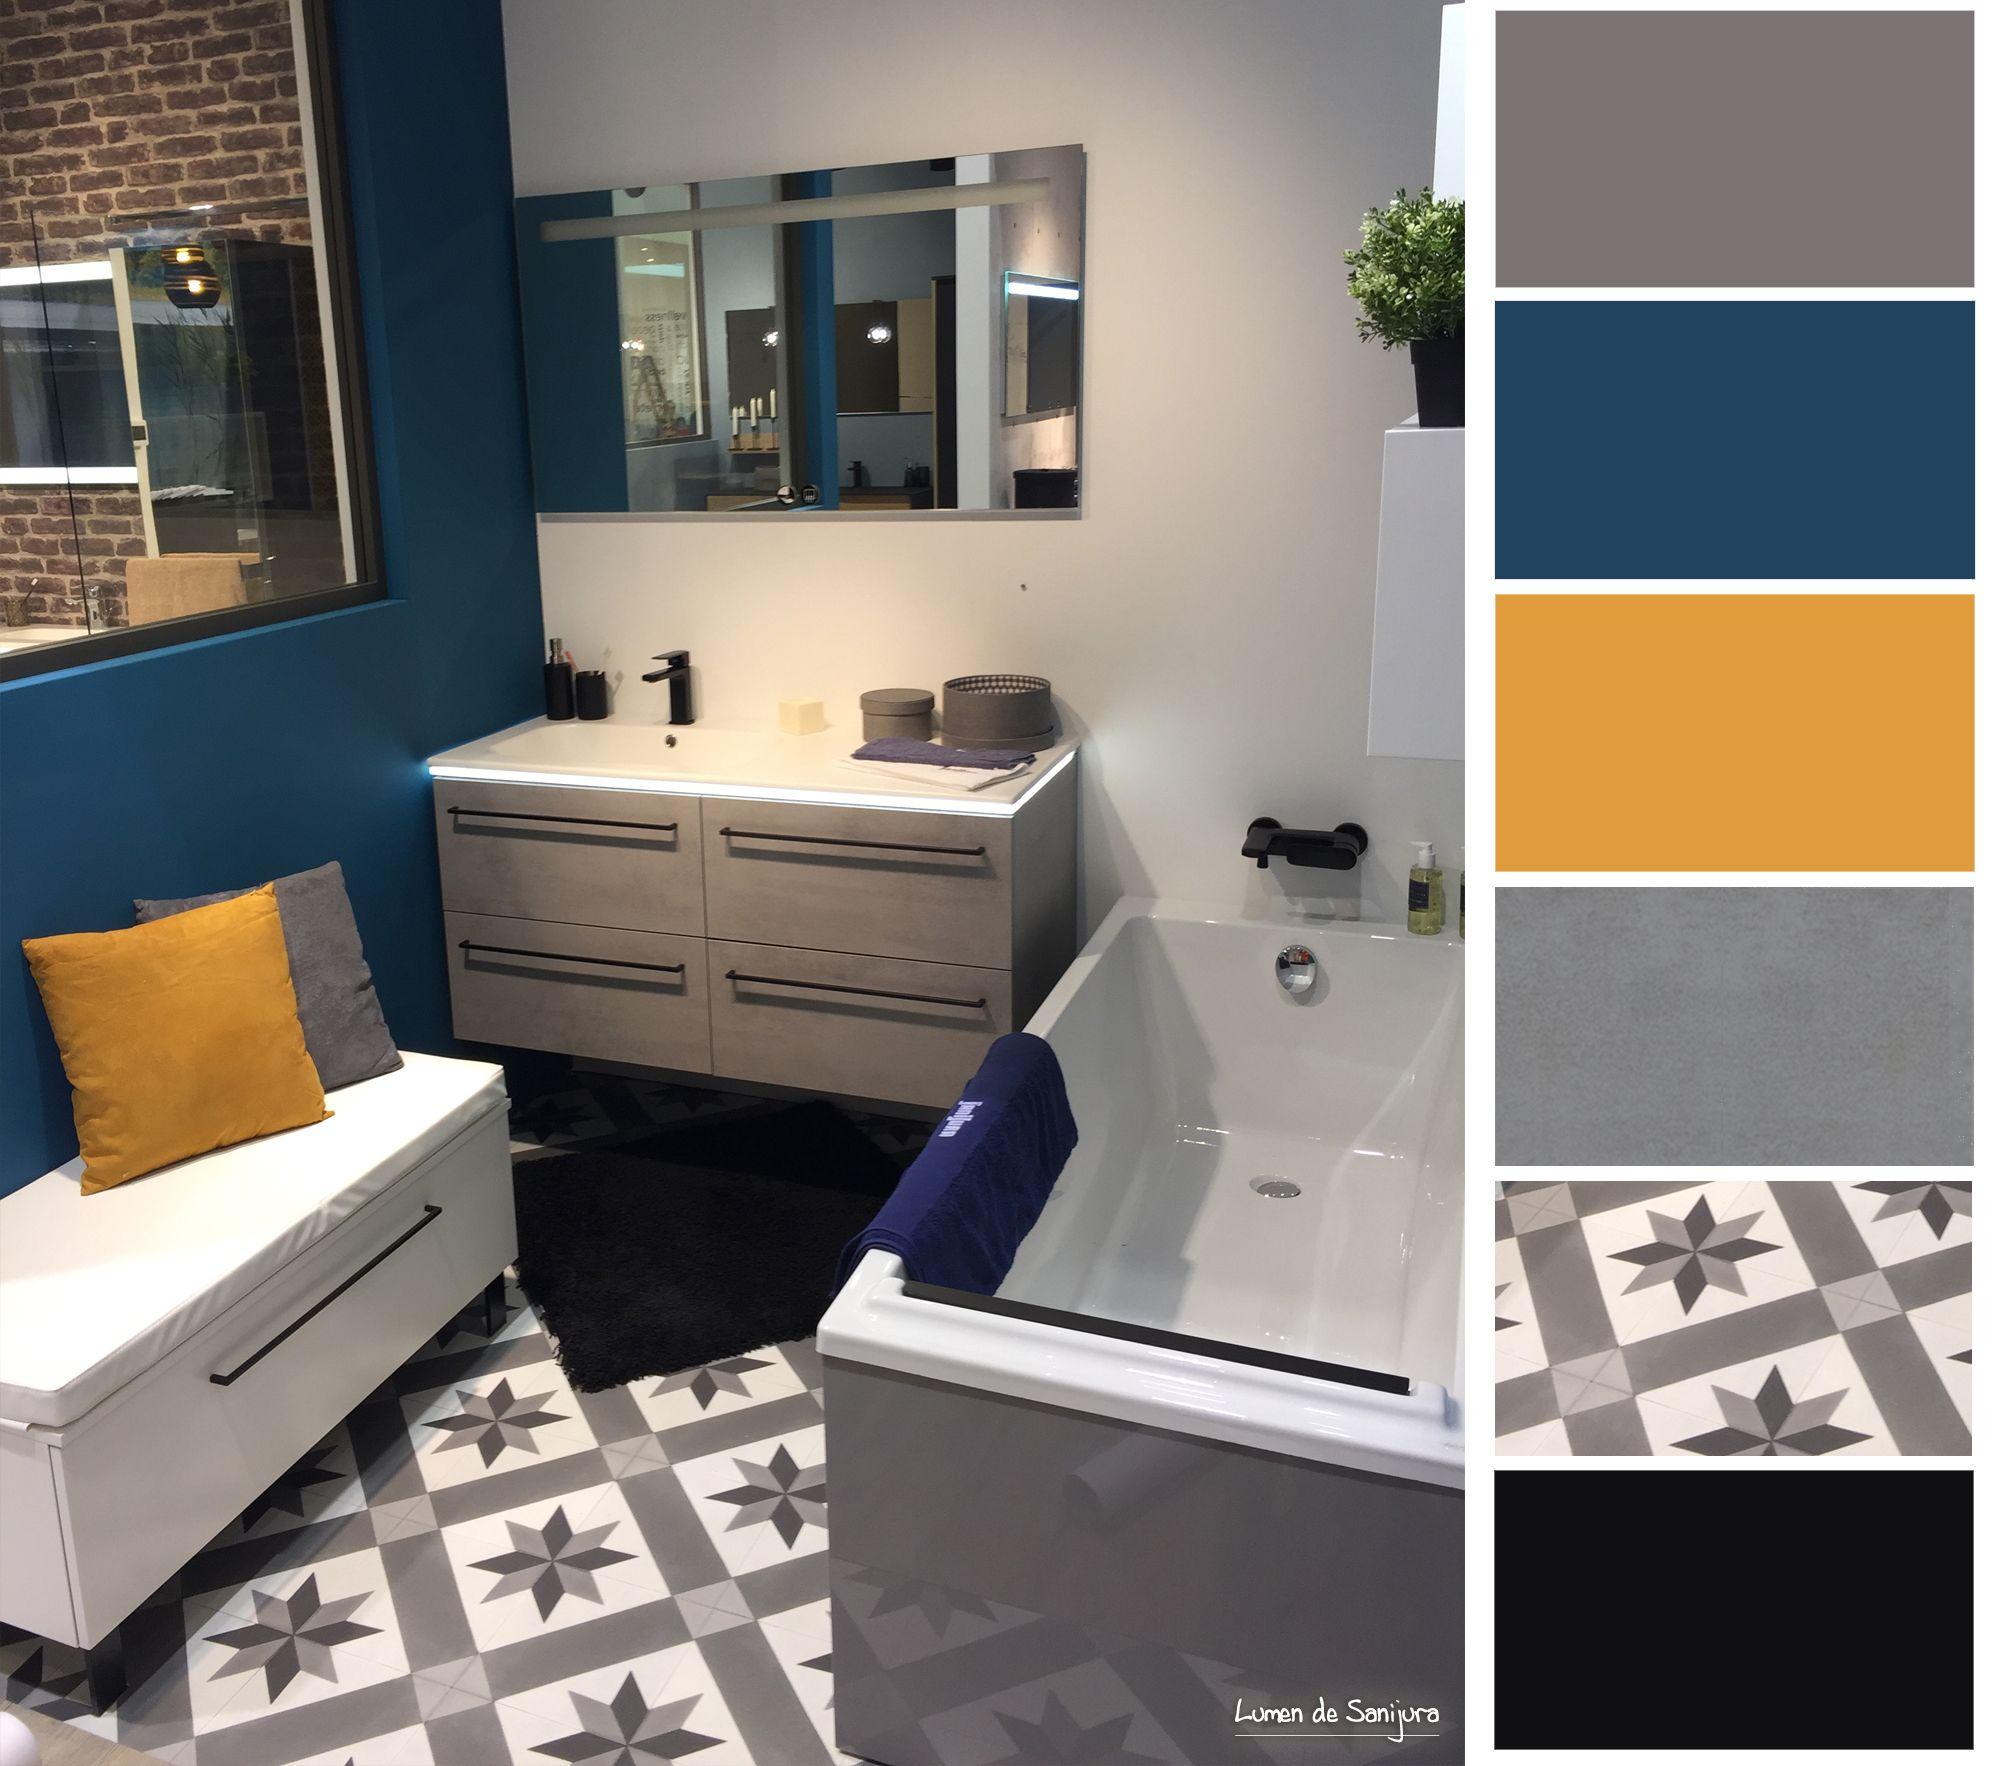 Profitez de votre petit espace pour cr�ee une salle de bain design ! M�lange de gris et de bleu canard, pour cette salle de bain originale et contemporaine. Un meuble en b�ton gris avec un bandeau LED pour une lumi�re douce. Le + d�co : le sol effet carre